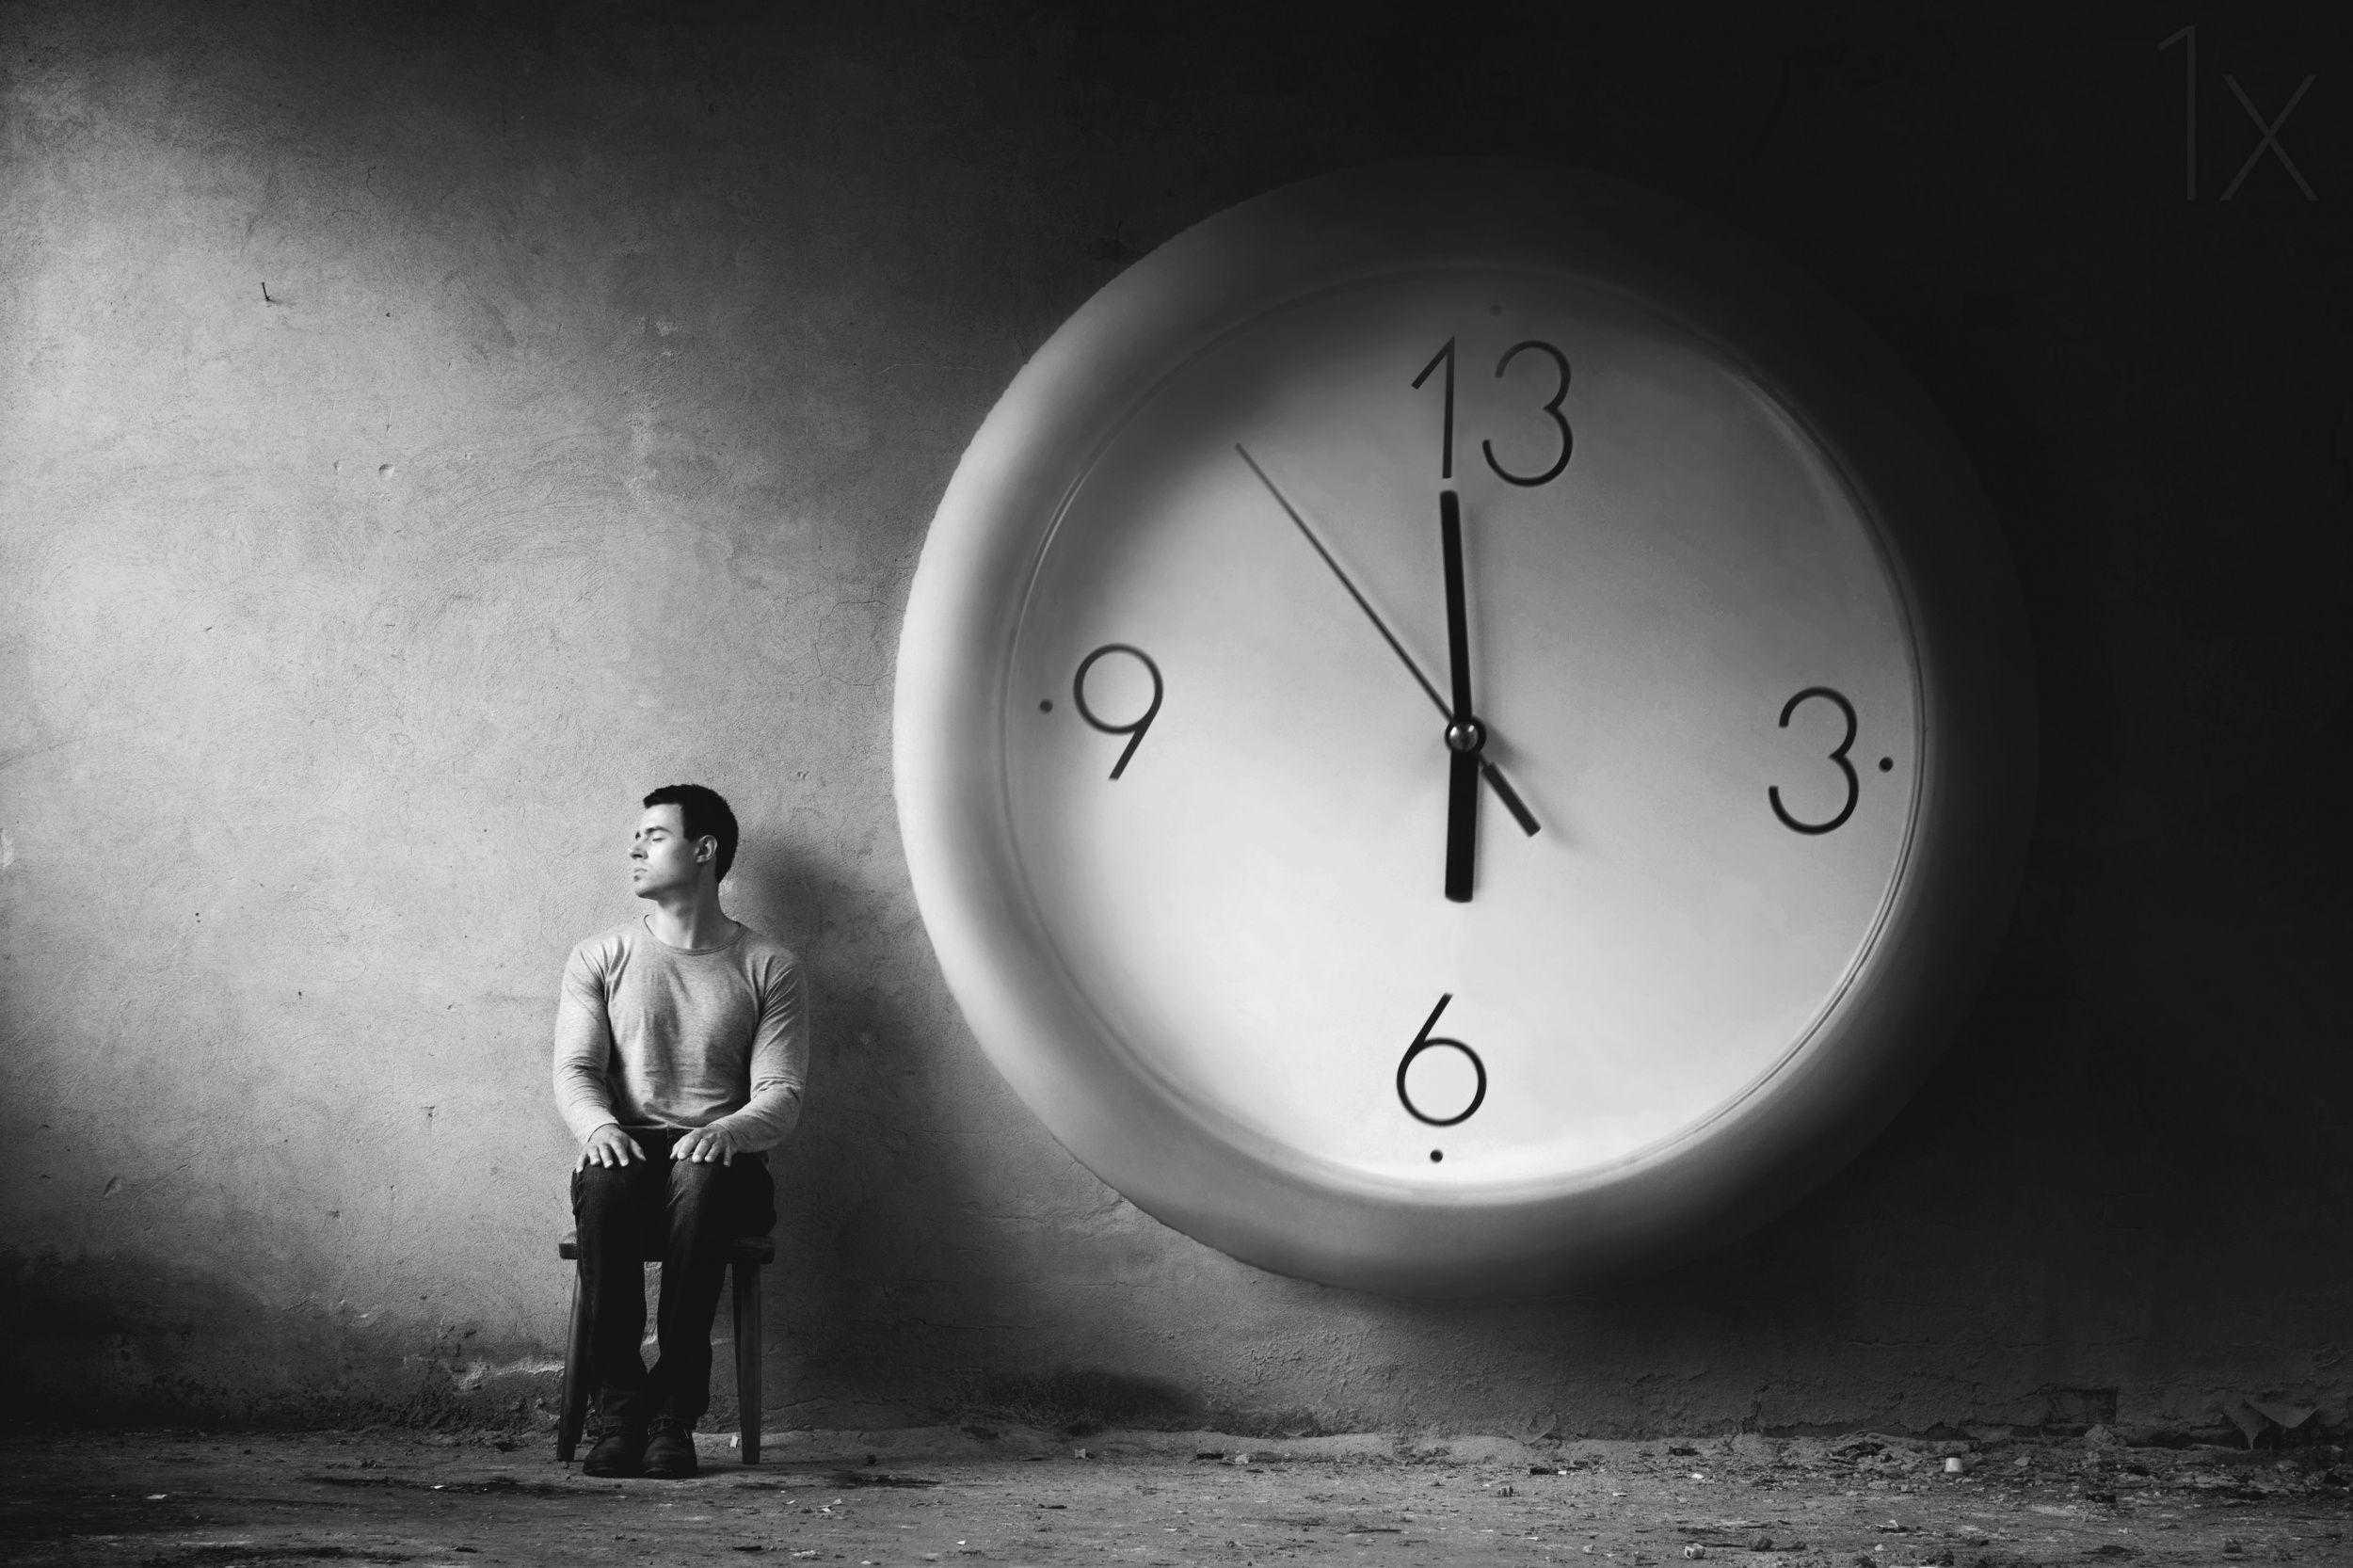 Риск поправиться выше, если поздно ложиться спать  Новости, связанные с здоровым образом жизни и питанием